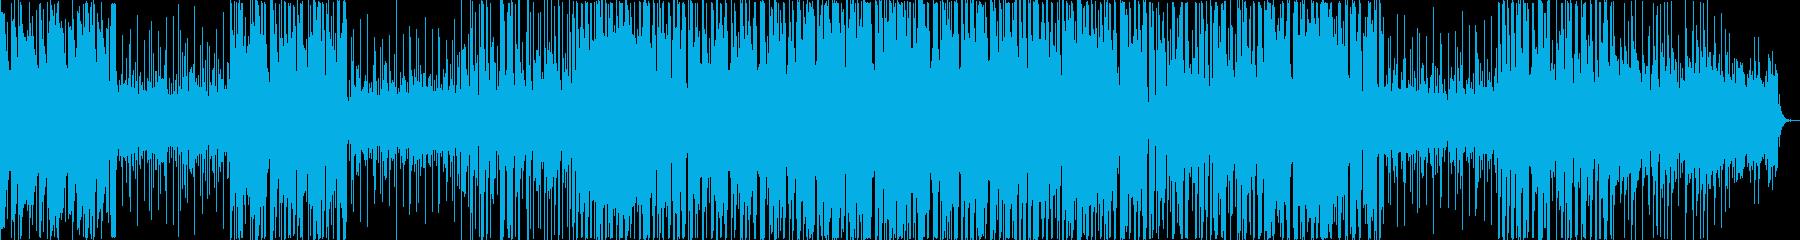 シリアスな雰囲気がサスペンスに合うの再生済みの波形